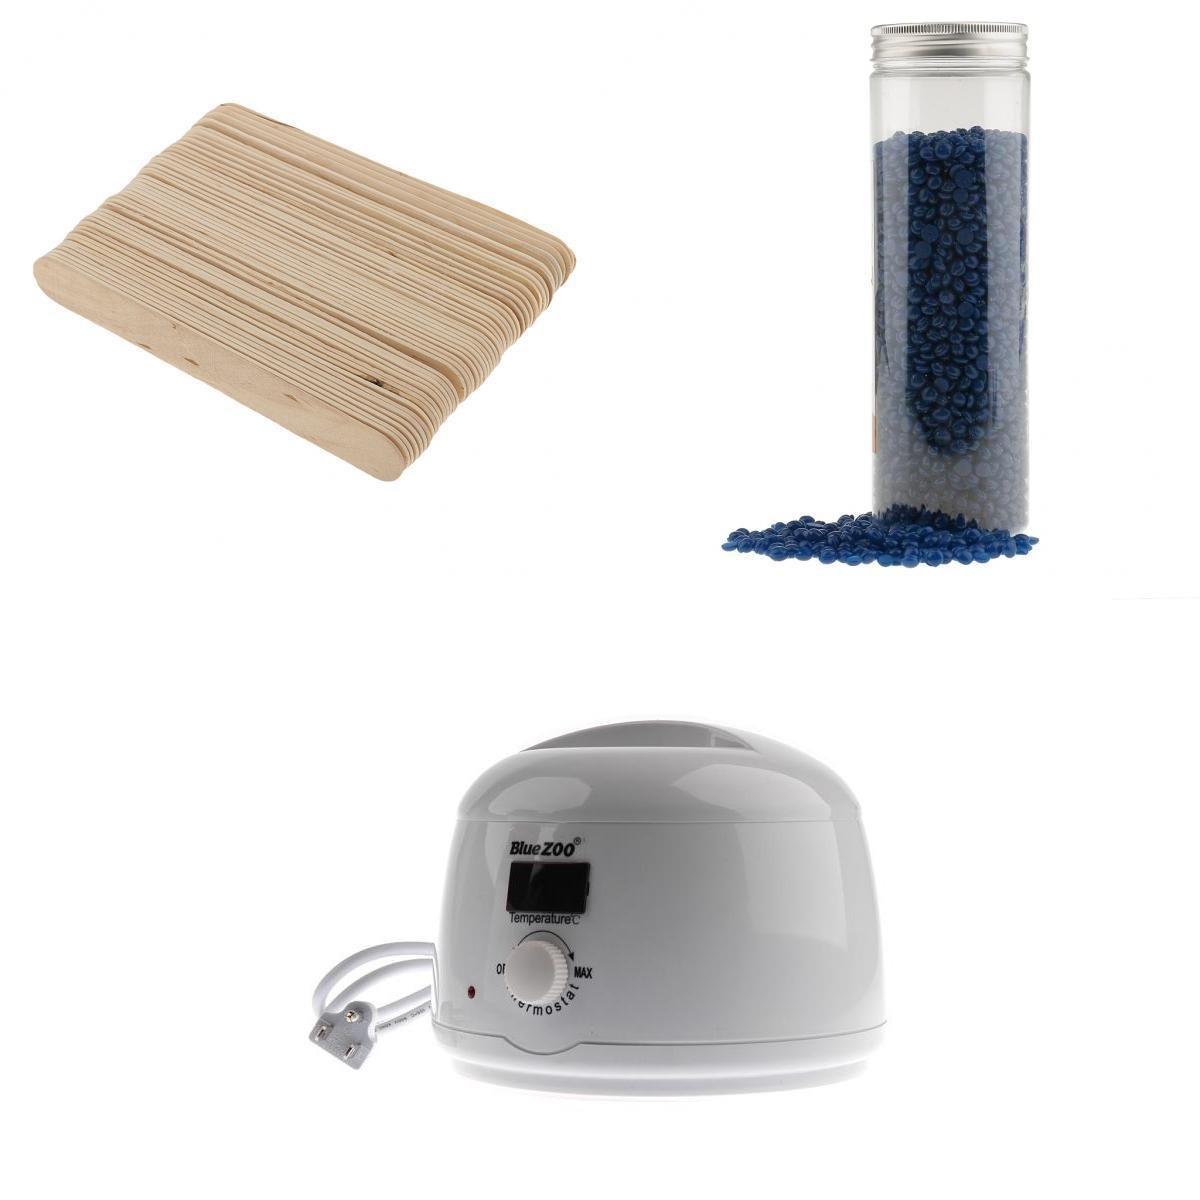 Homyl Electric Hot Wax Warmer Heater Wxing Pot Machine + 400g/Bottle Depilatory Wax Beans + 50 x Wooden Stick